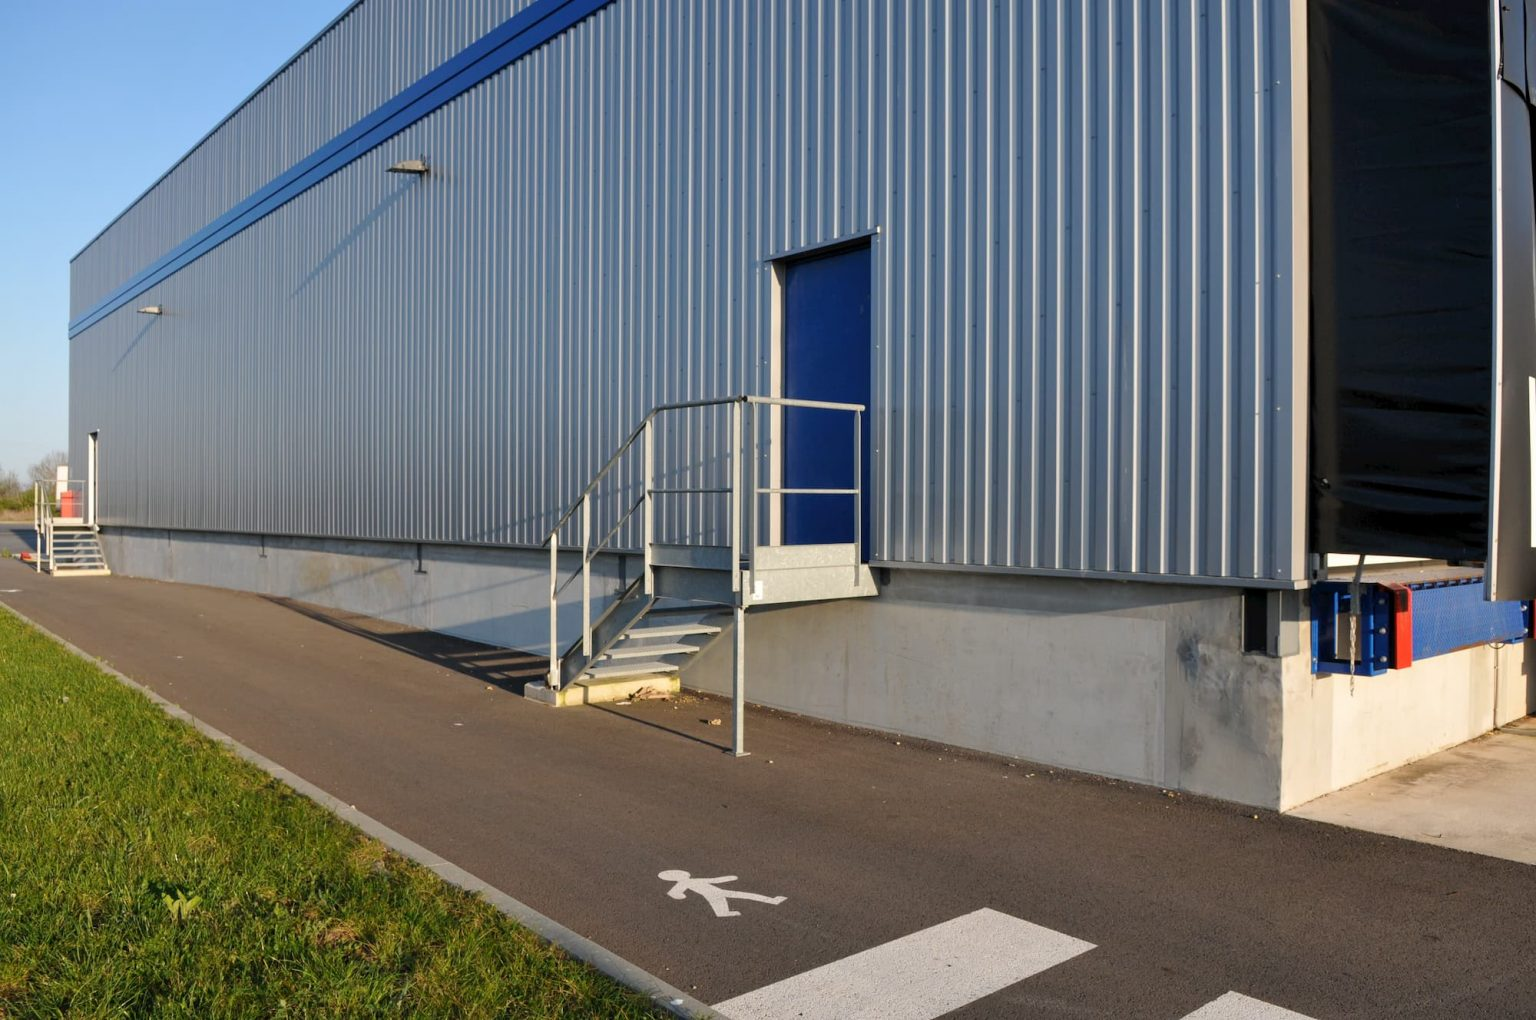 Fabrication de voile de quais en béton au sein de l'entrepôt logistique TLA Group